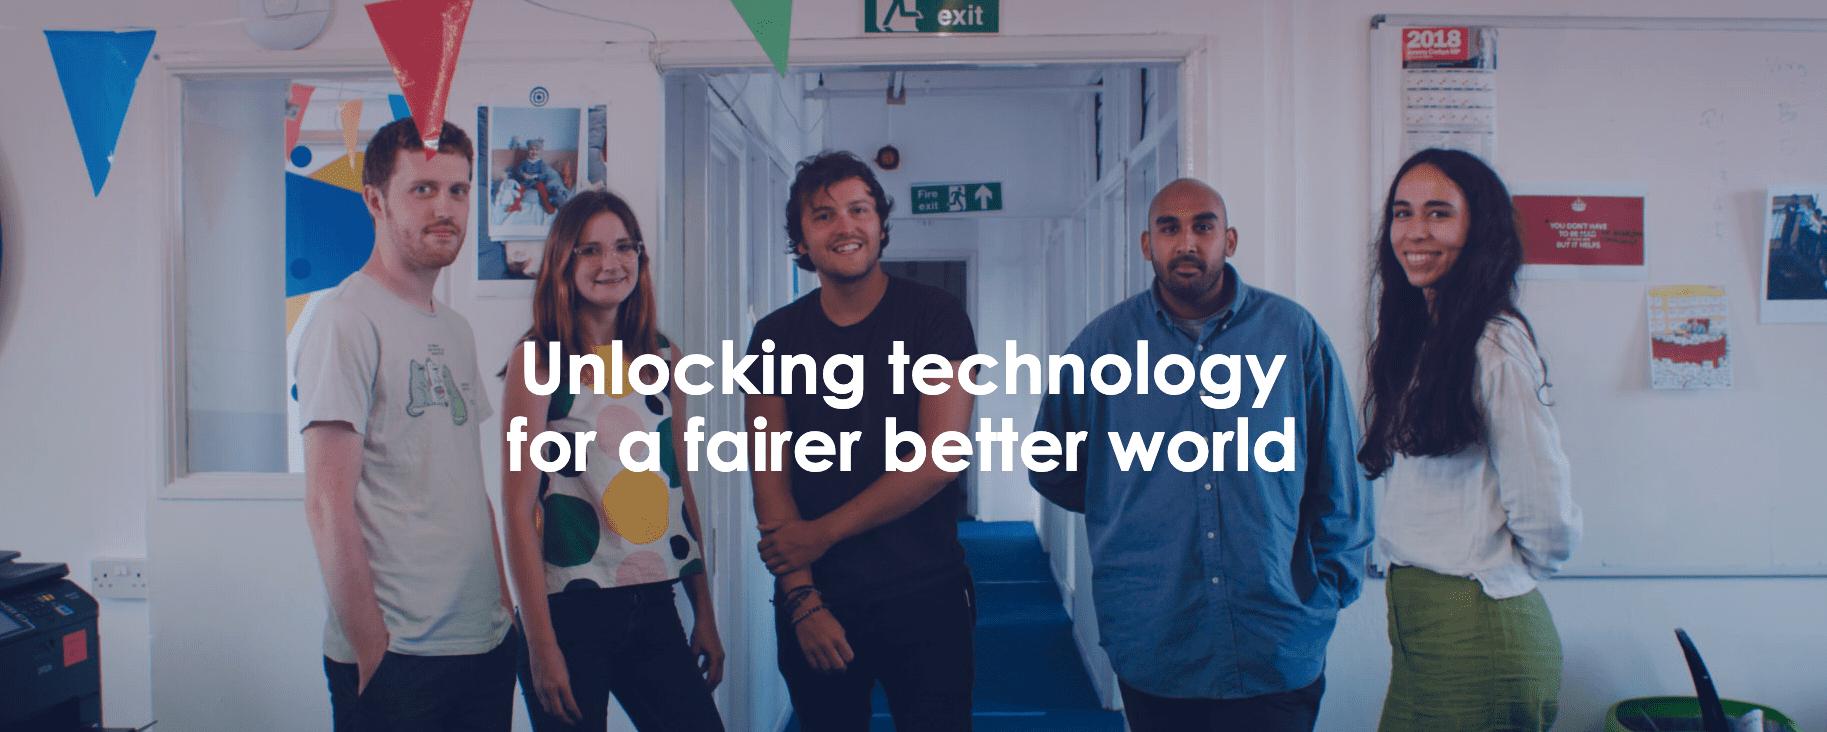 Tech for a better world